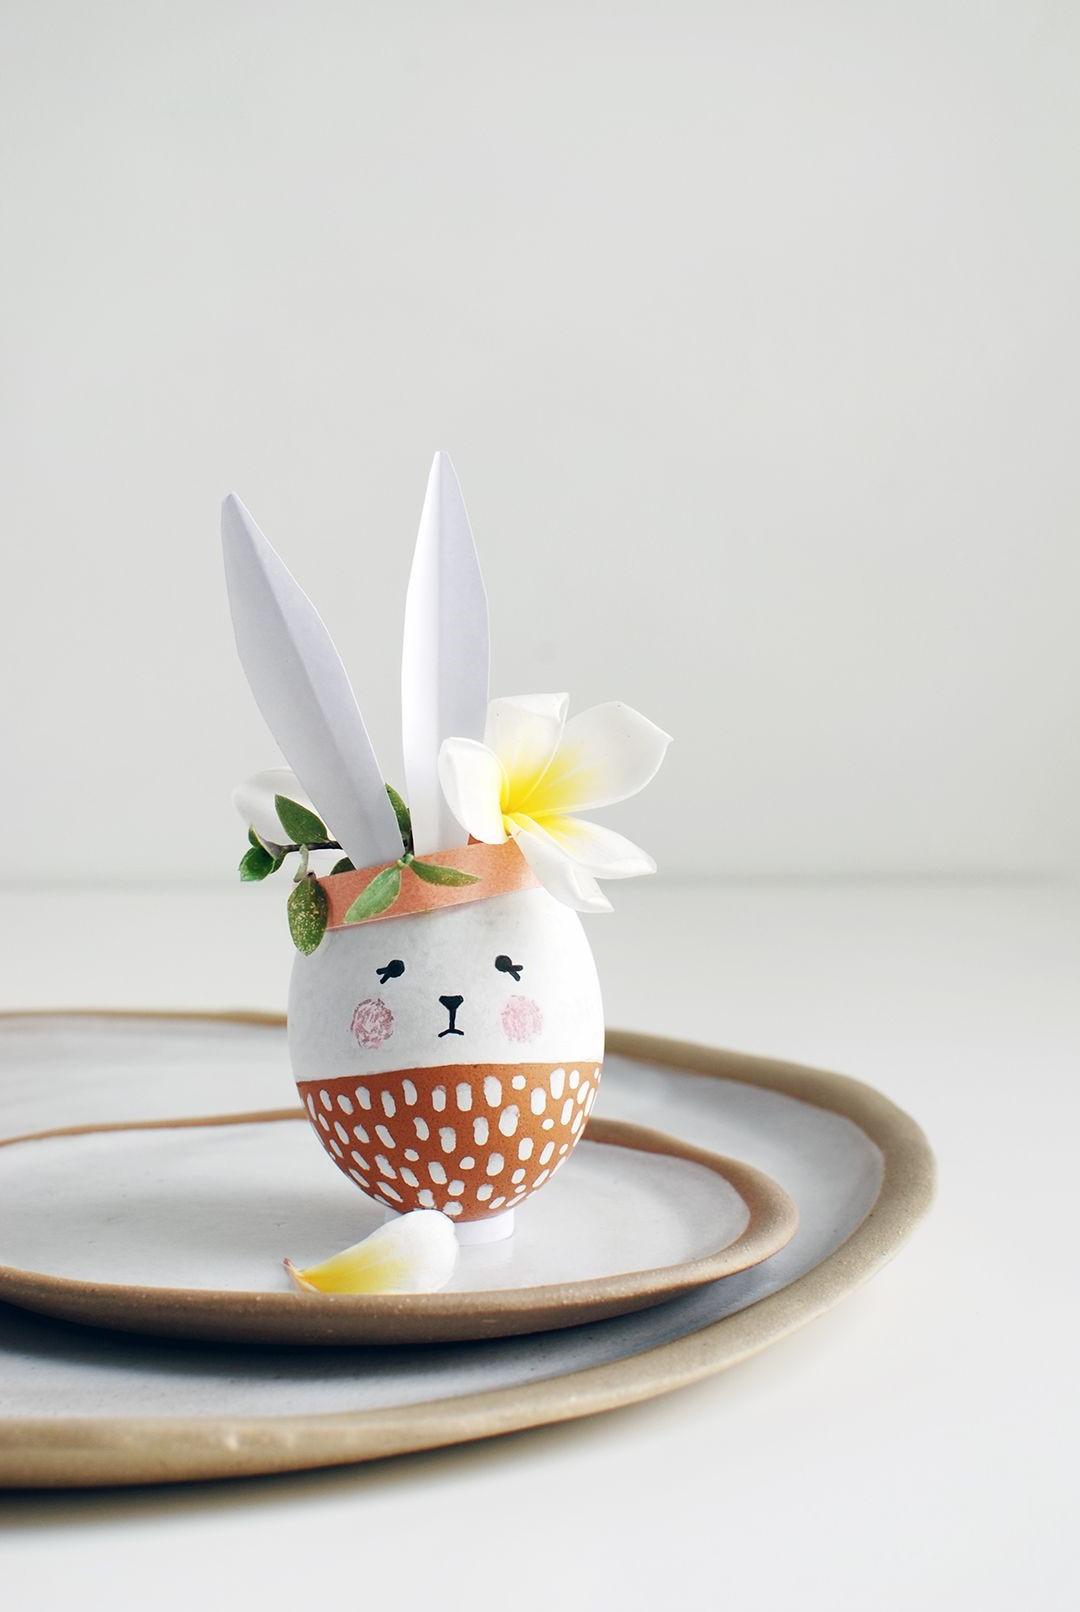 Lapin de Pâques fait en coquille d'oeuf.